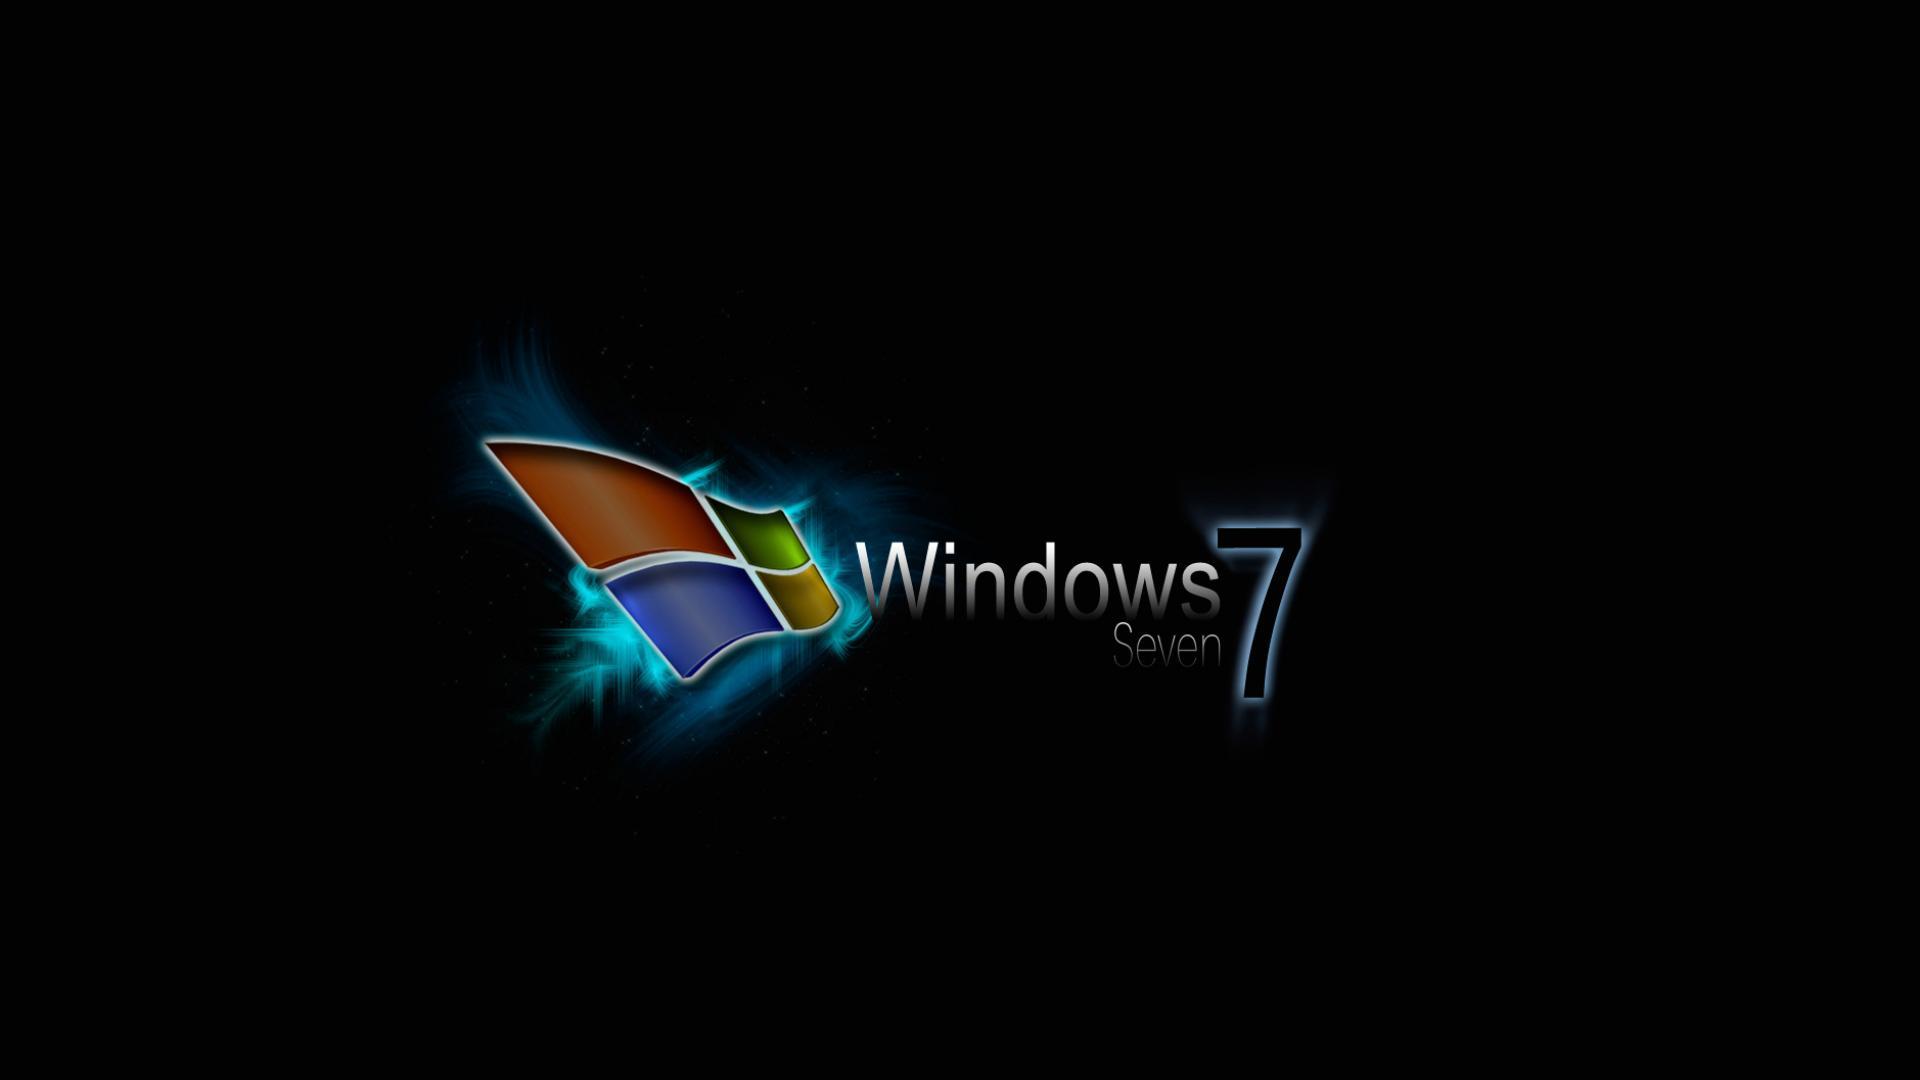 Windows 7 1920х1080 обои для рабочего стола